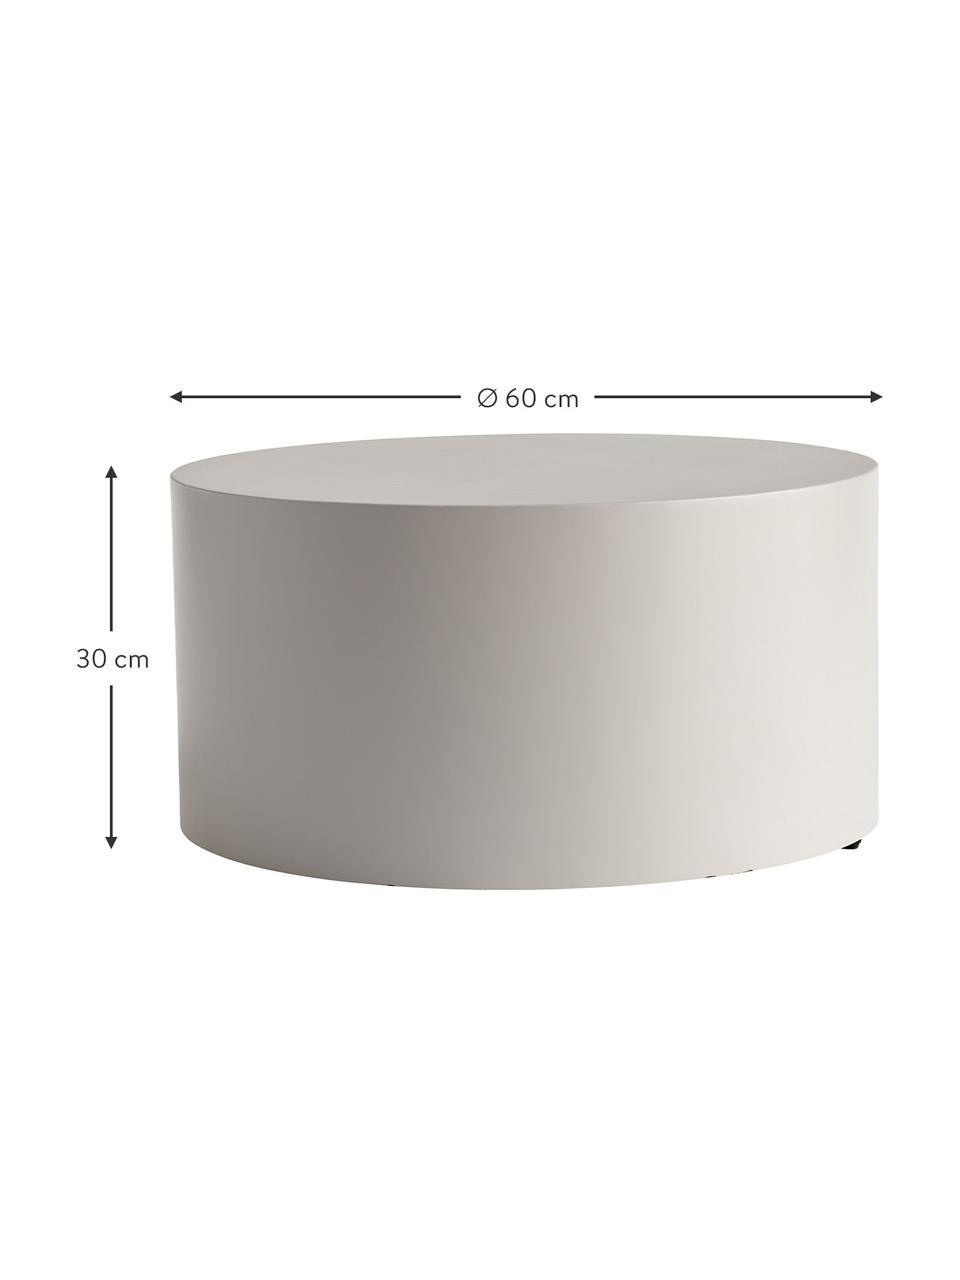 Tavolino rotondo da salotto in metallo grigio chiaro Metdrum, Metallo, Grigio chiaro, Ø 60 x Alt. 30 cm